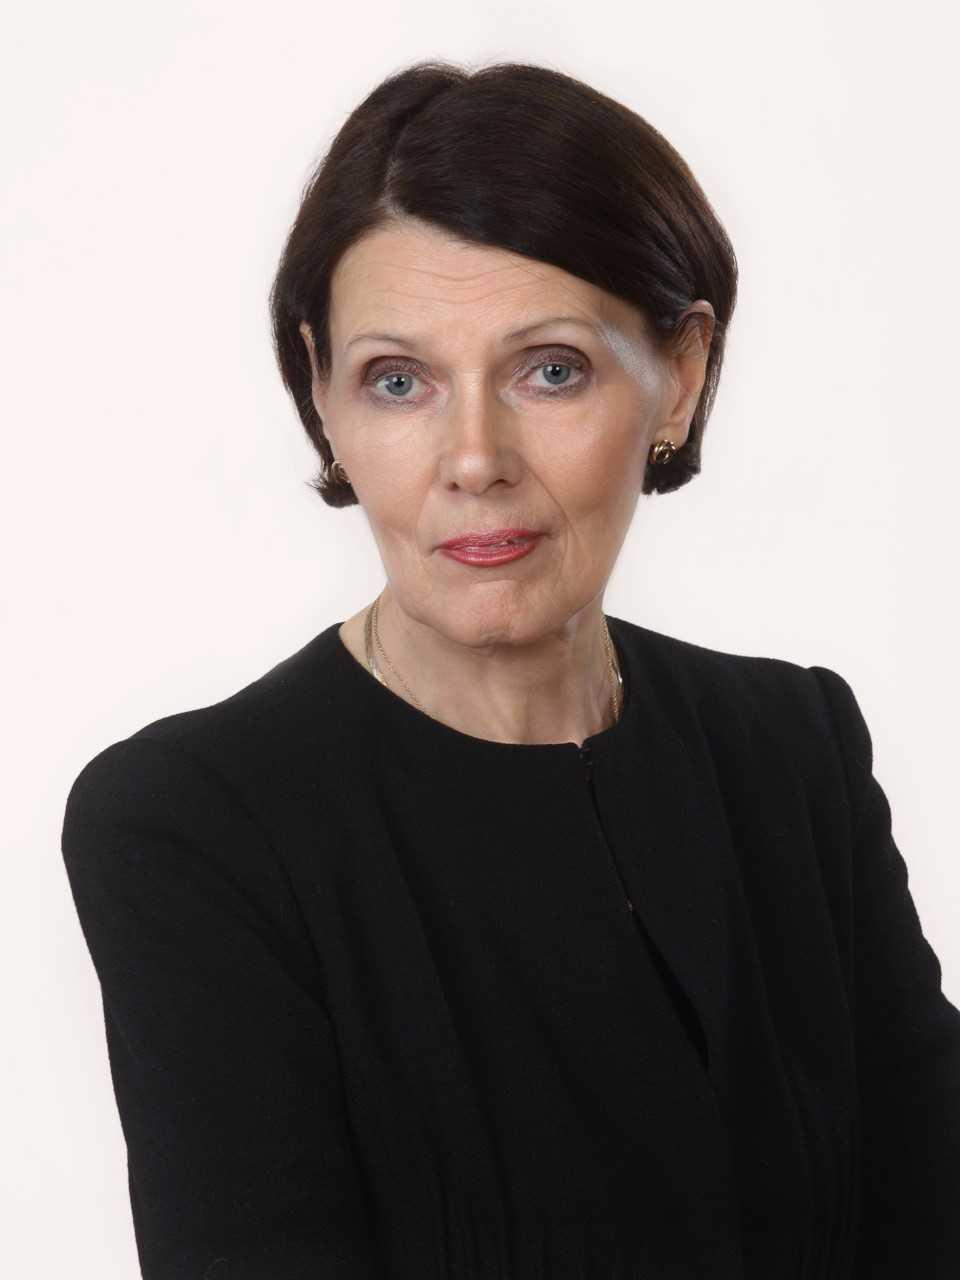 Christina Sandberg